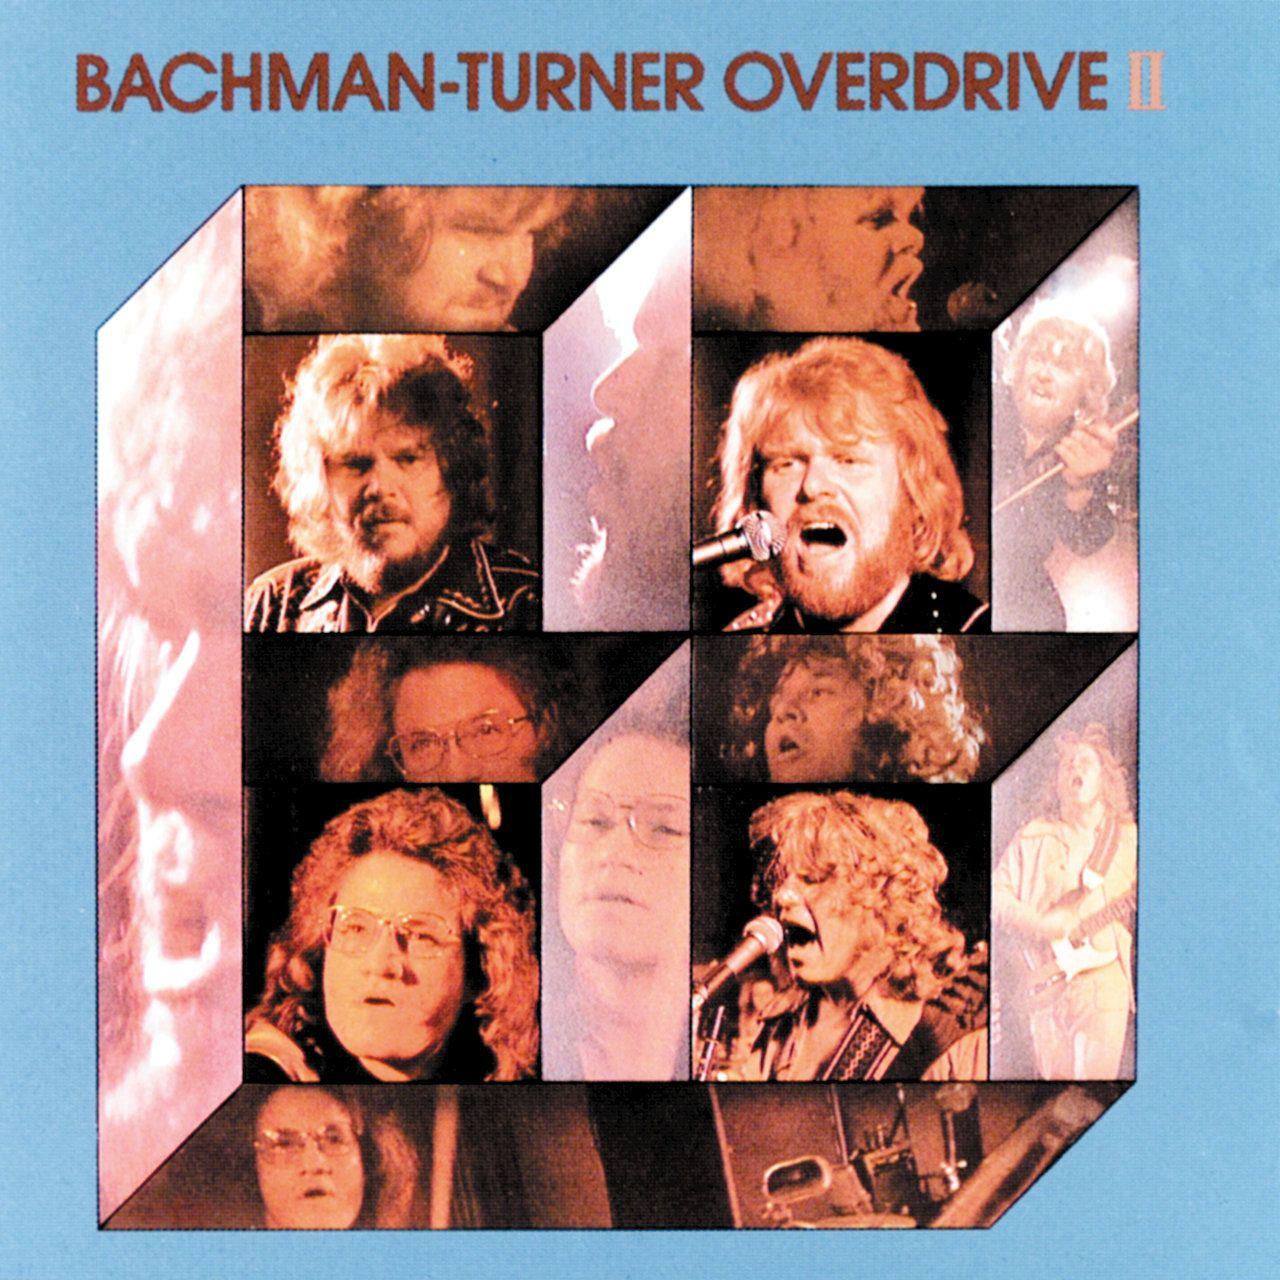 Bachman Turner Overdrive Bachman Turner Overdrive Ii Bands